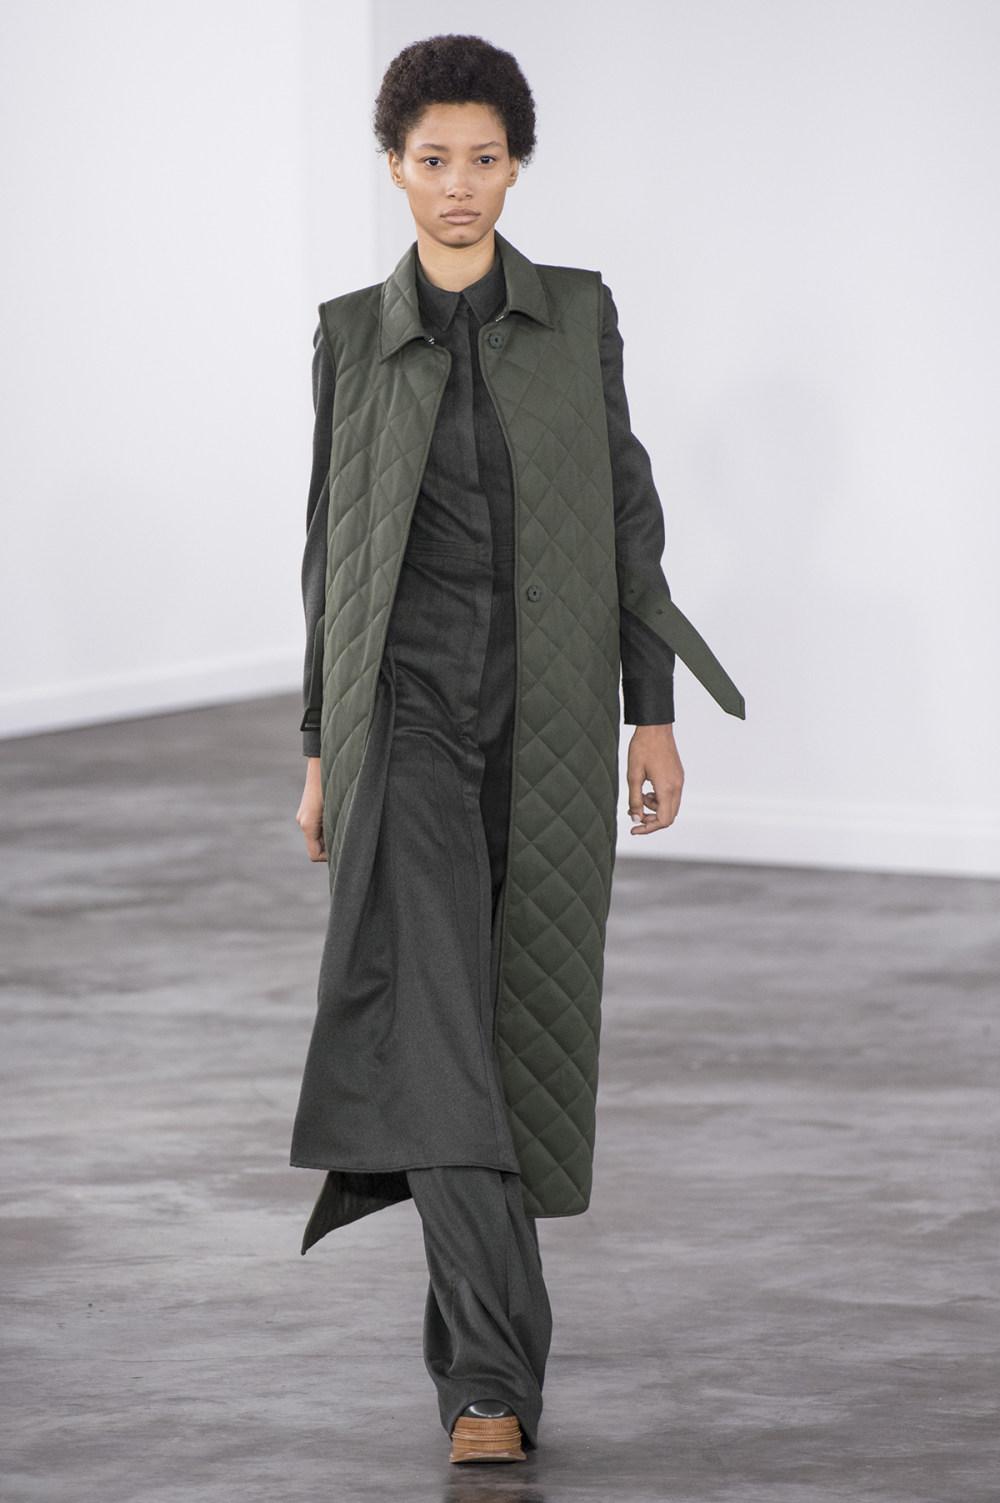 Gabriela Hearst时装系列细条纹西装和宽大毛衣之间形成鲜明对比-6.jpg